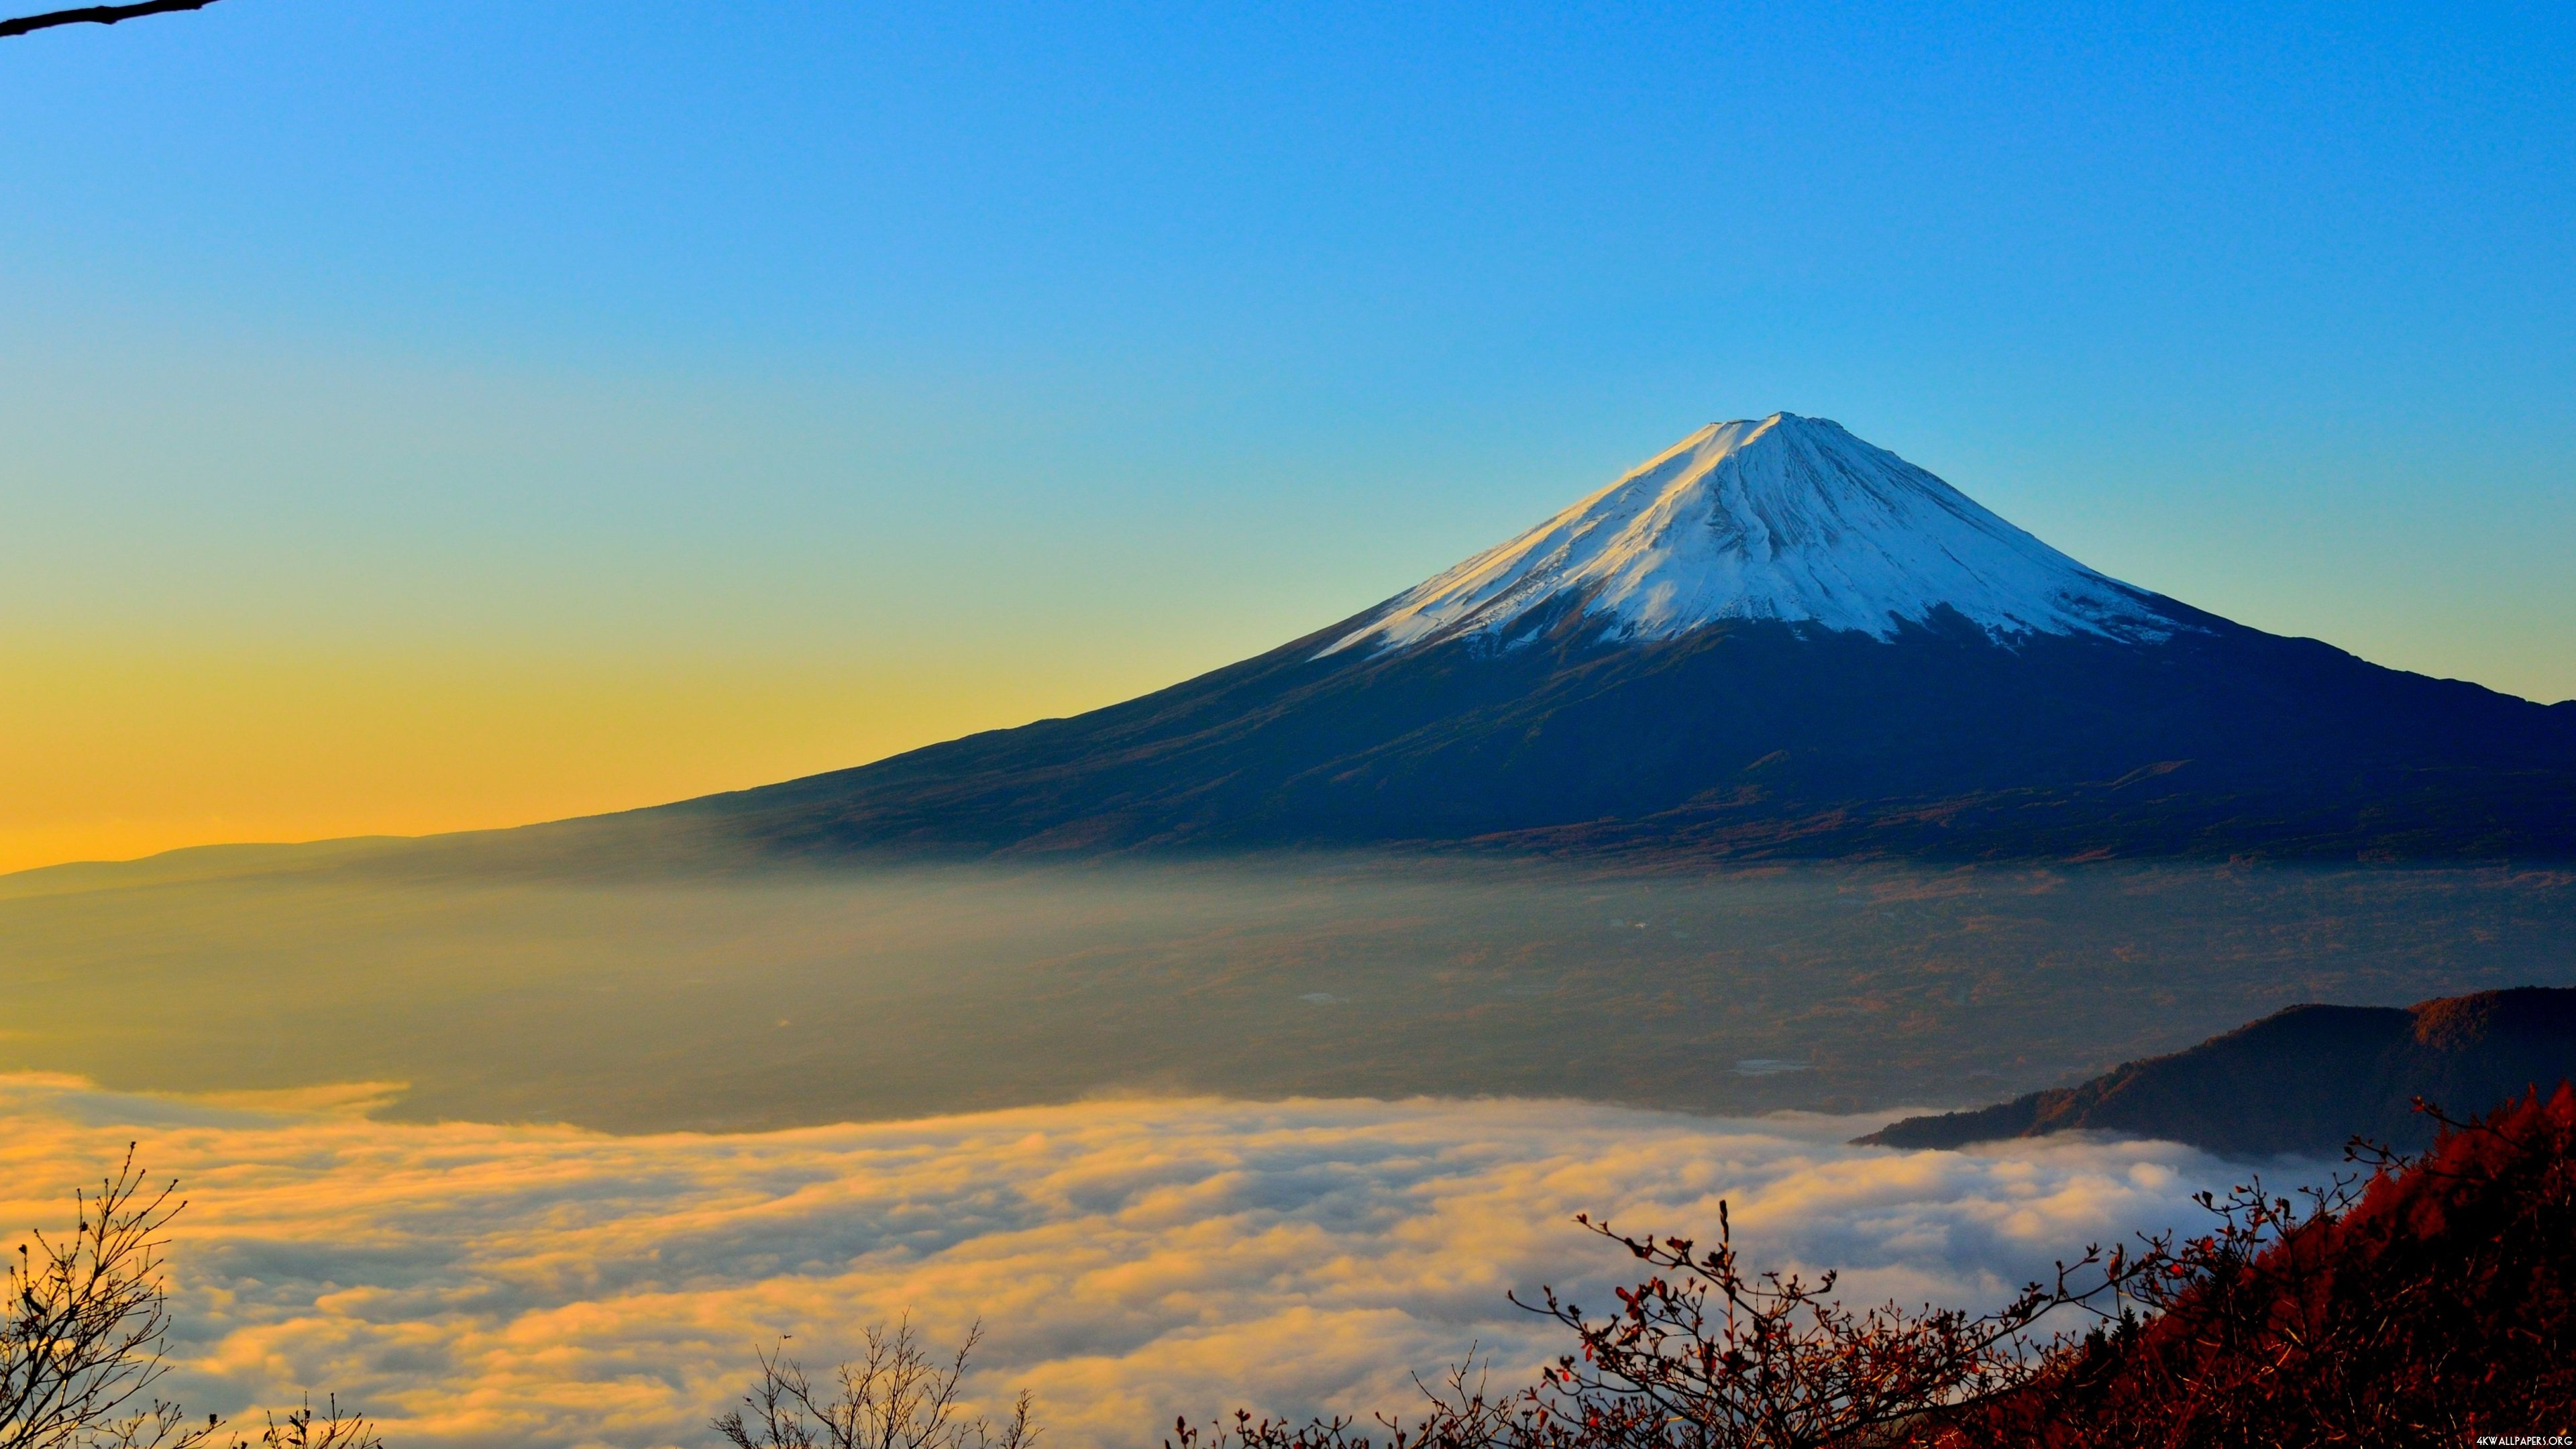 4K Mount Fuji Wallpaper ID 128 3840x2160